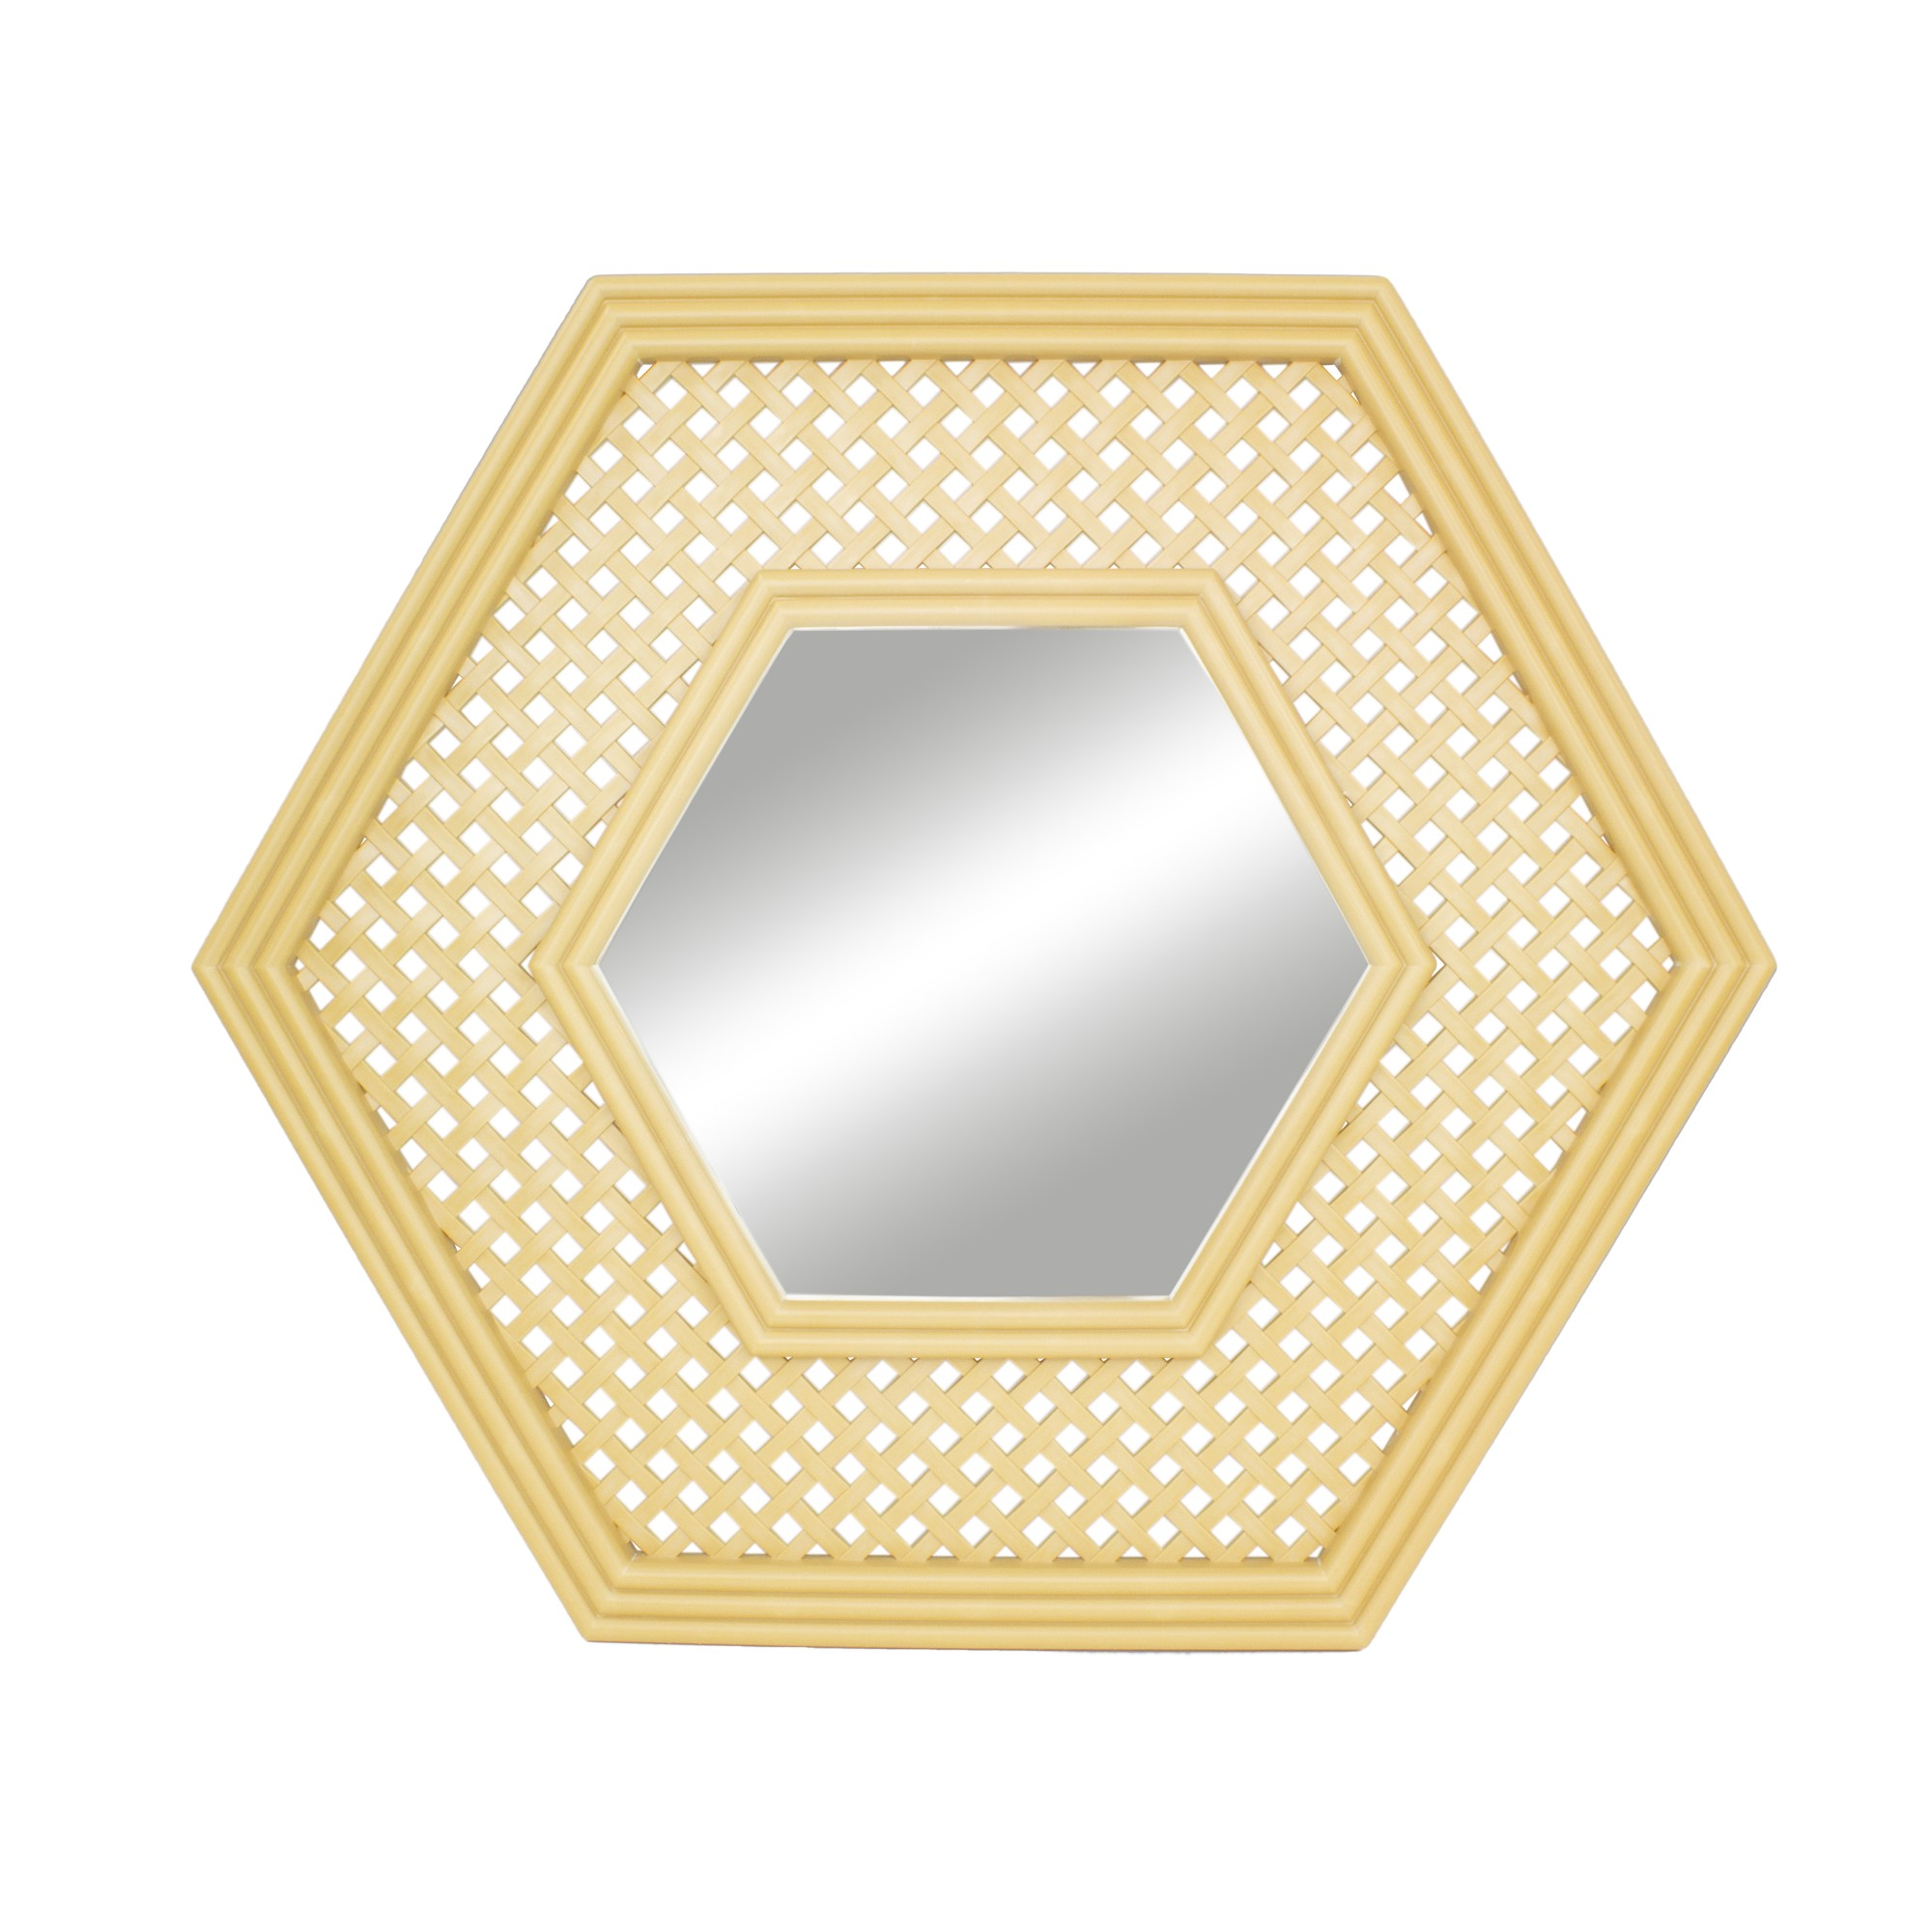 Espelho Decorativo Hexagonal 50x50 cm Marfim - Jolie